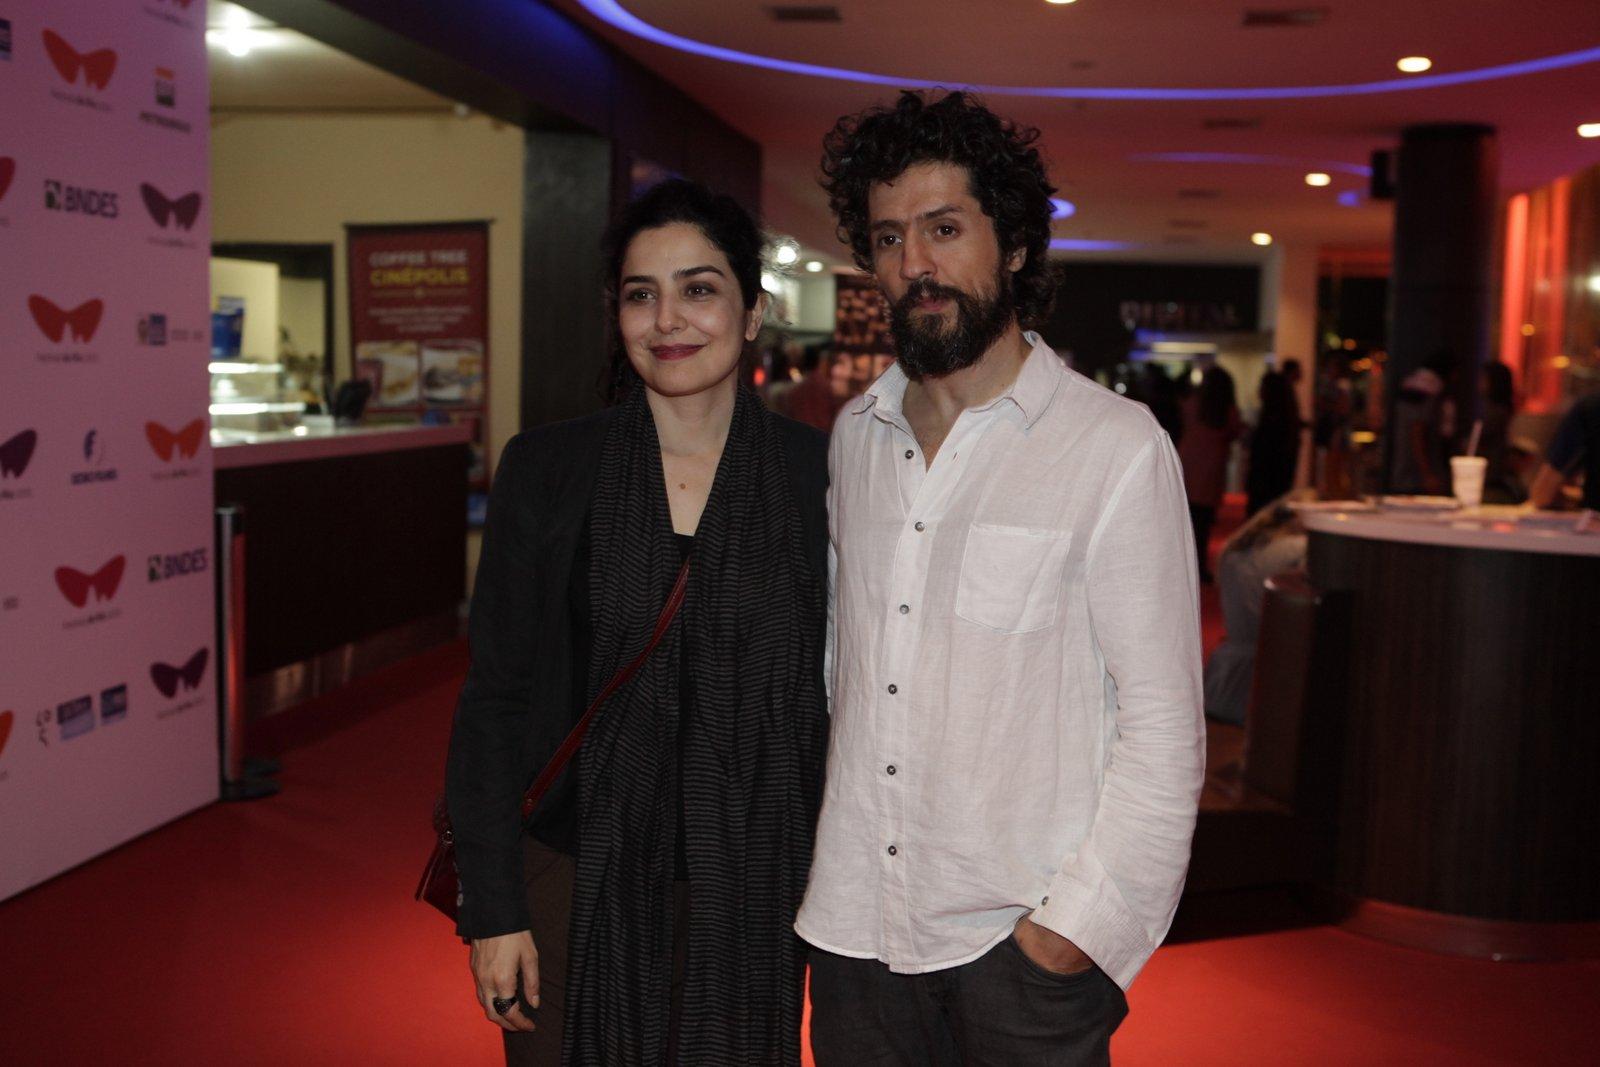 Letícia Sabatella e o marido, Fernando Alves Pinto, em pré-estreia de filme na Zona Sul do Rio